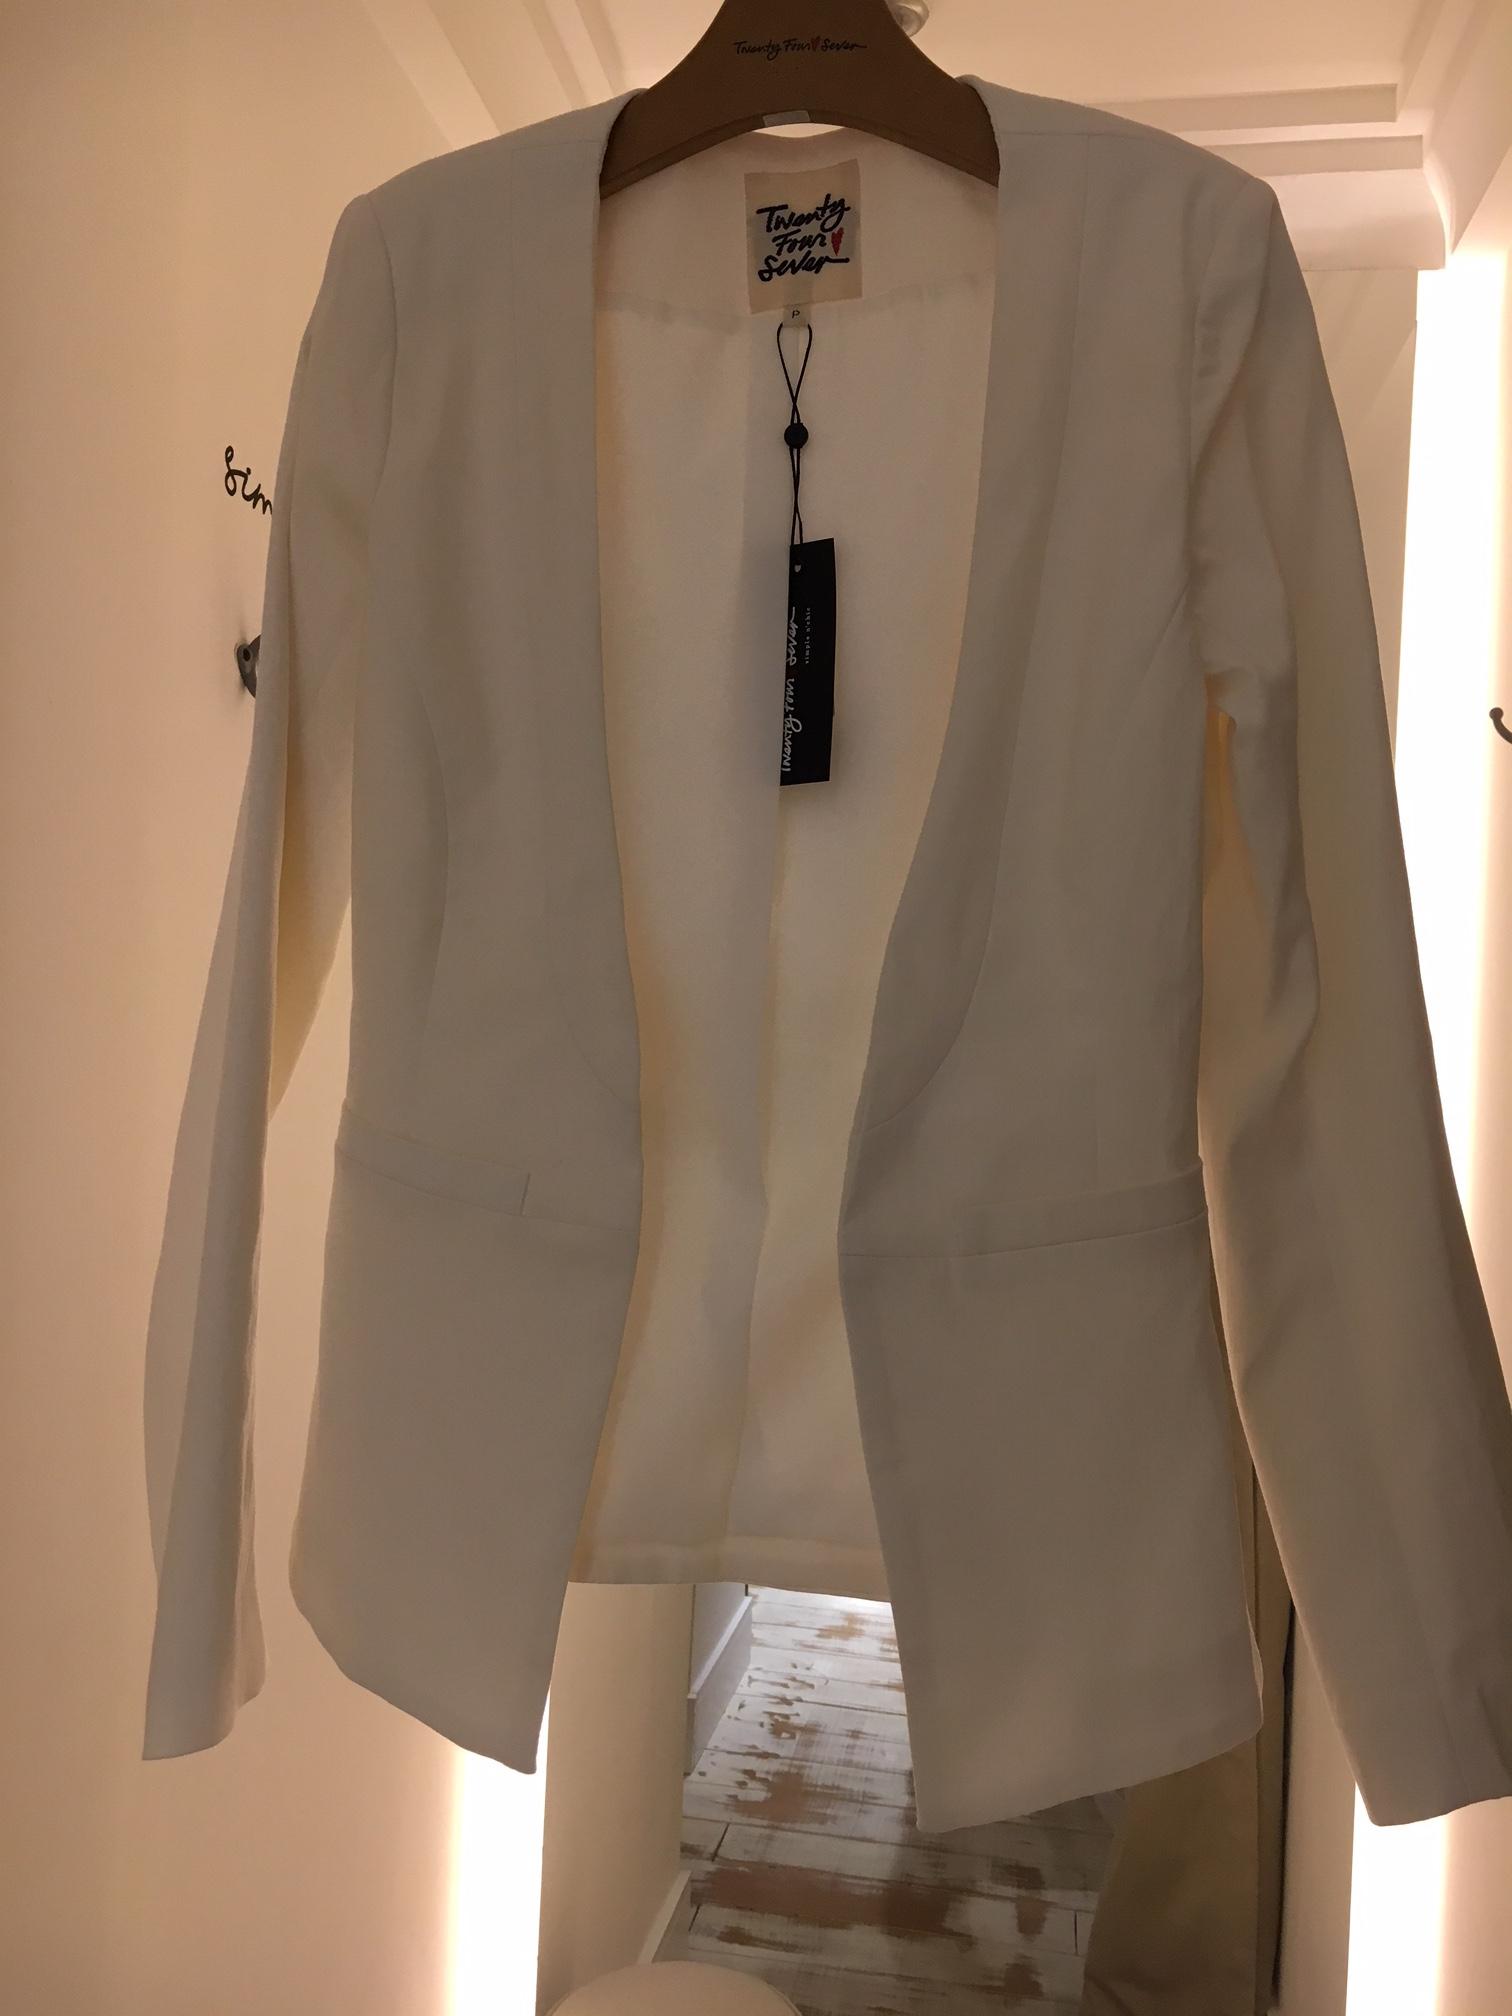 tfs-dez-blazer-branco